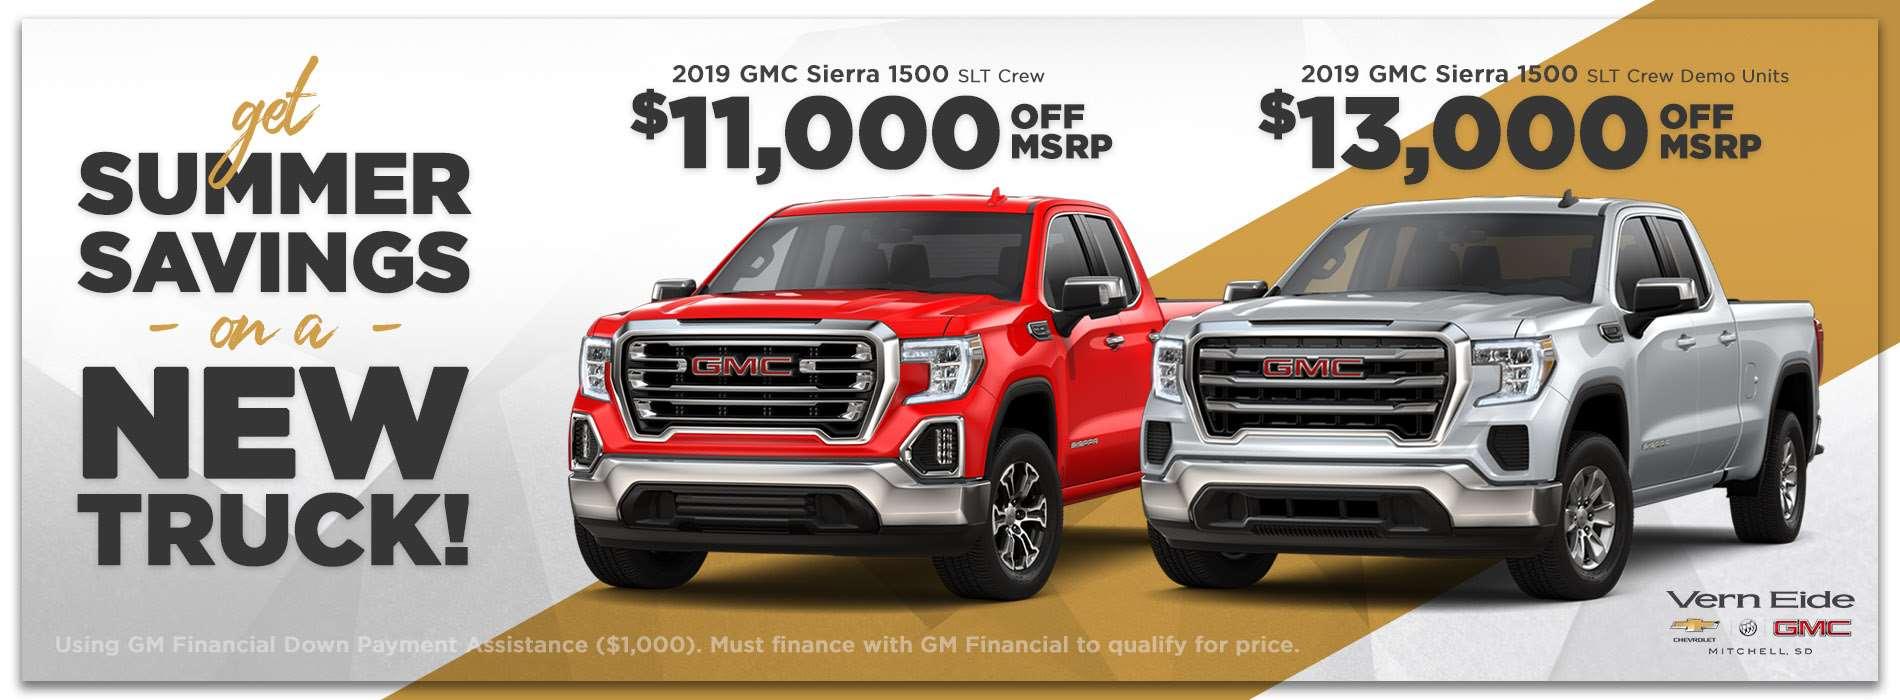 VEGM - Trucks - June 2019